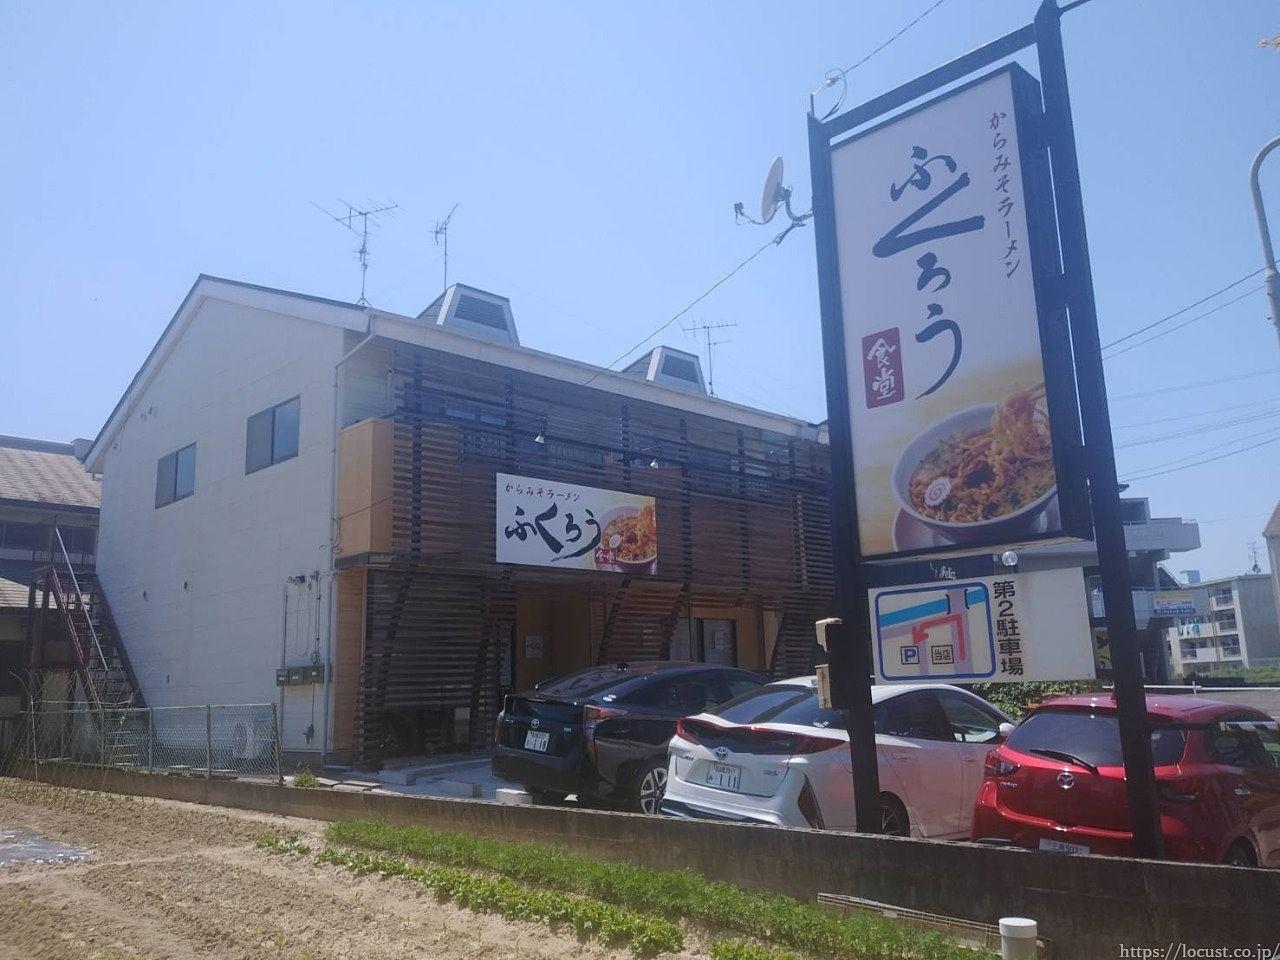 大府市月見町 からみそラーメンふくろう食堂 大府店 開店日に行ってきました。